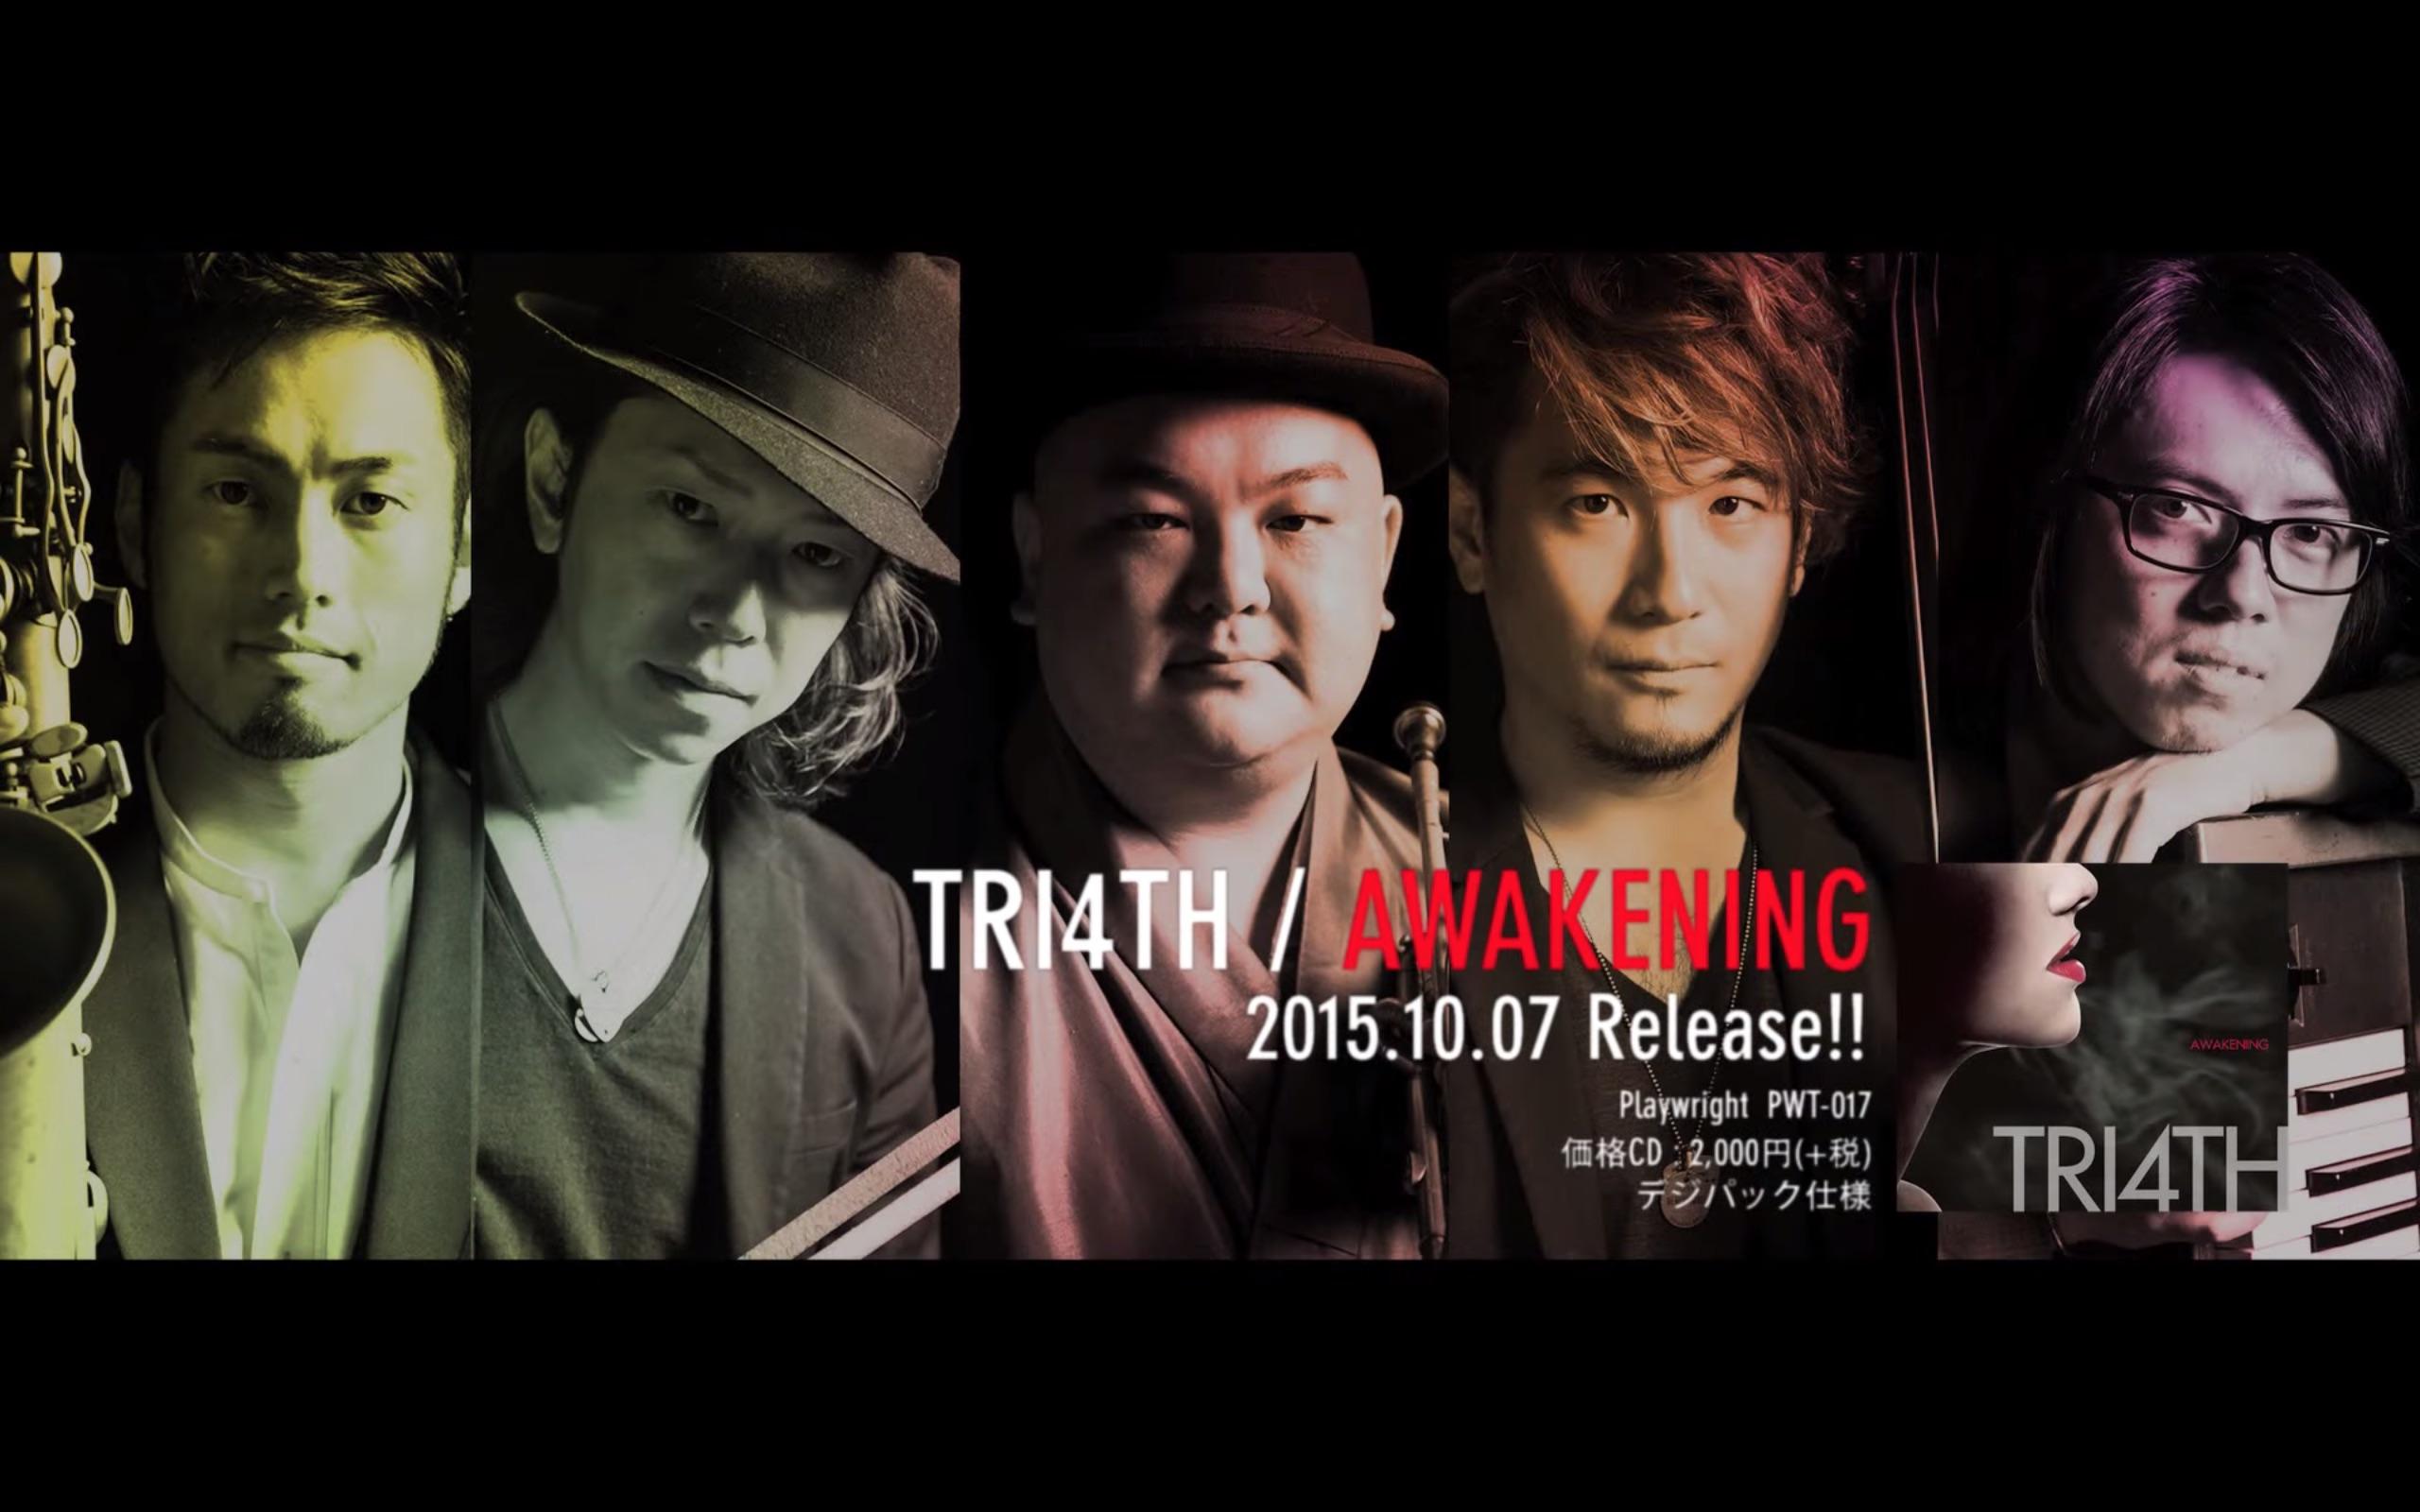 AWAKENING Trailer / TRI4TH